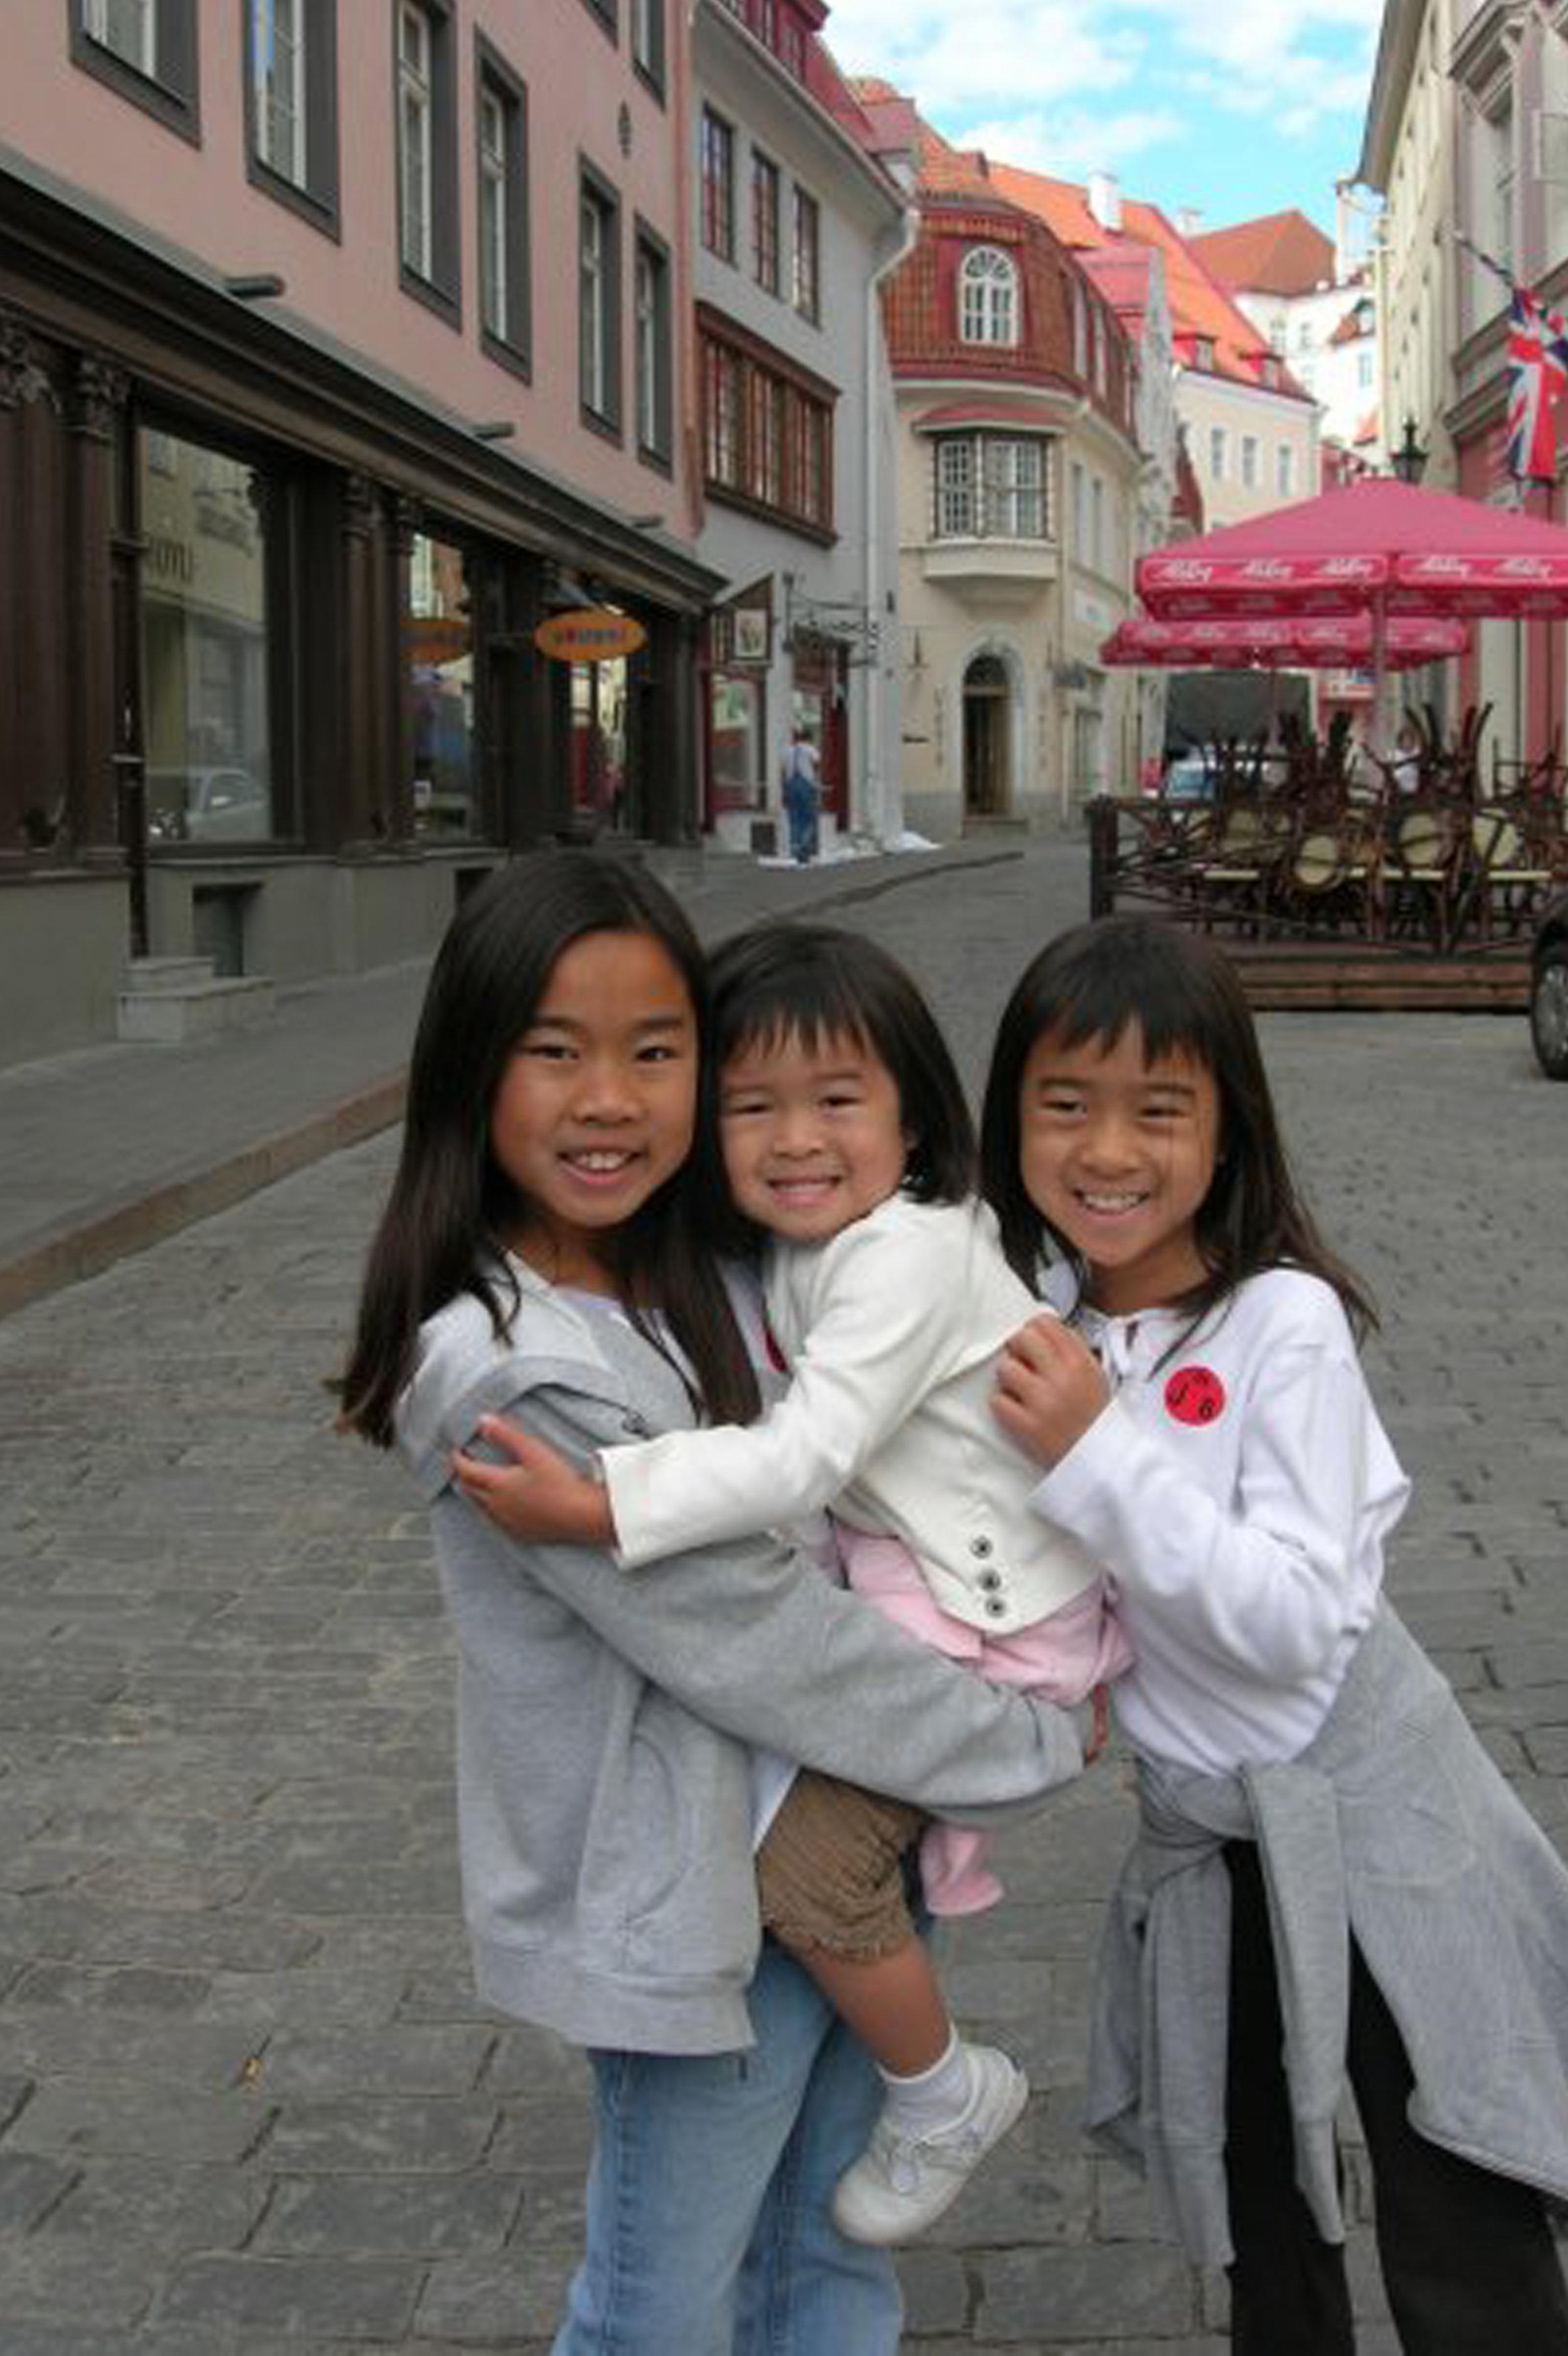 Old Town Estonia, c. 2005